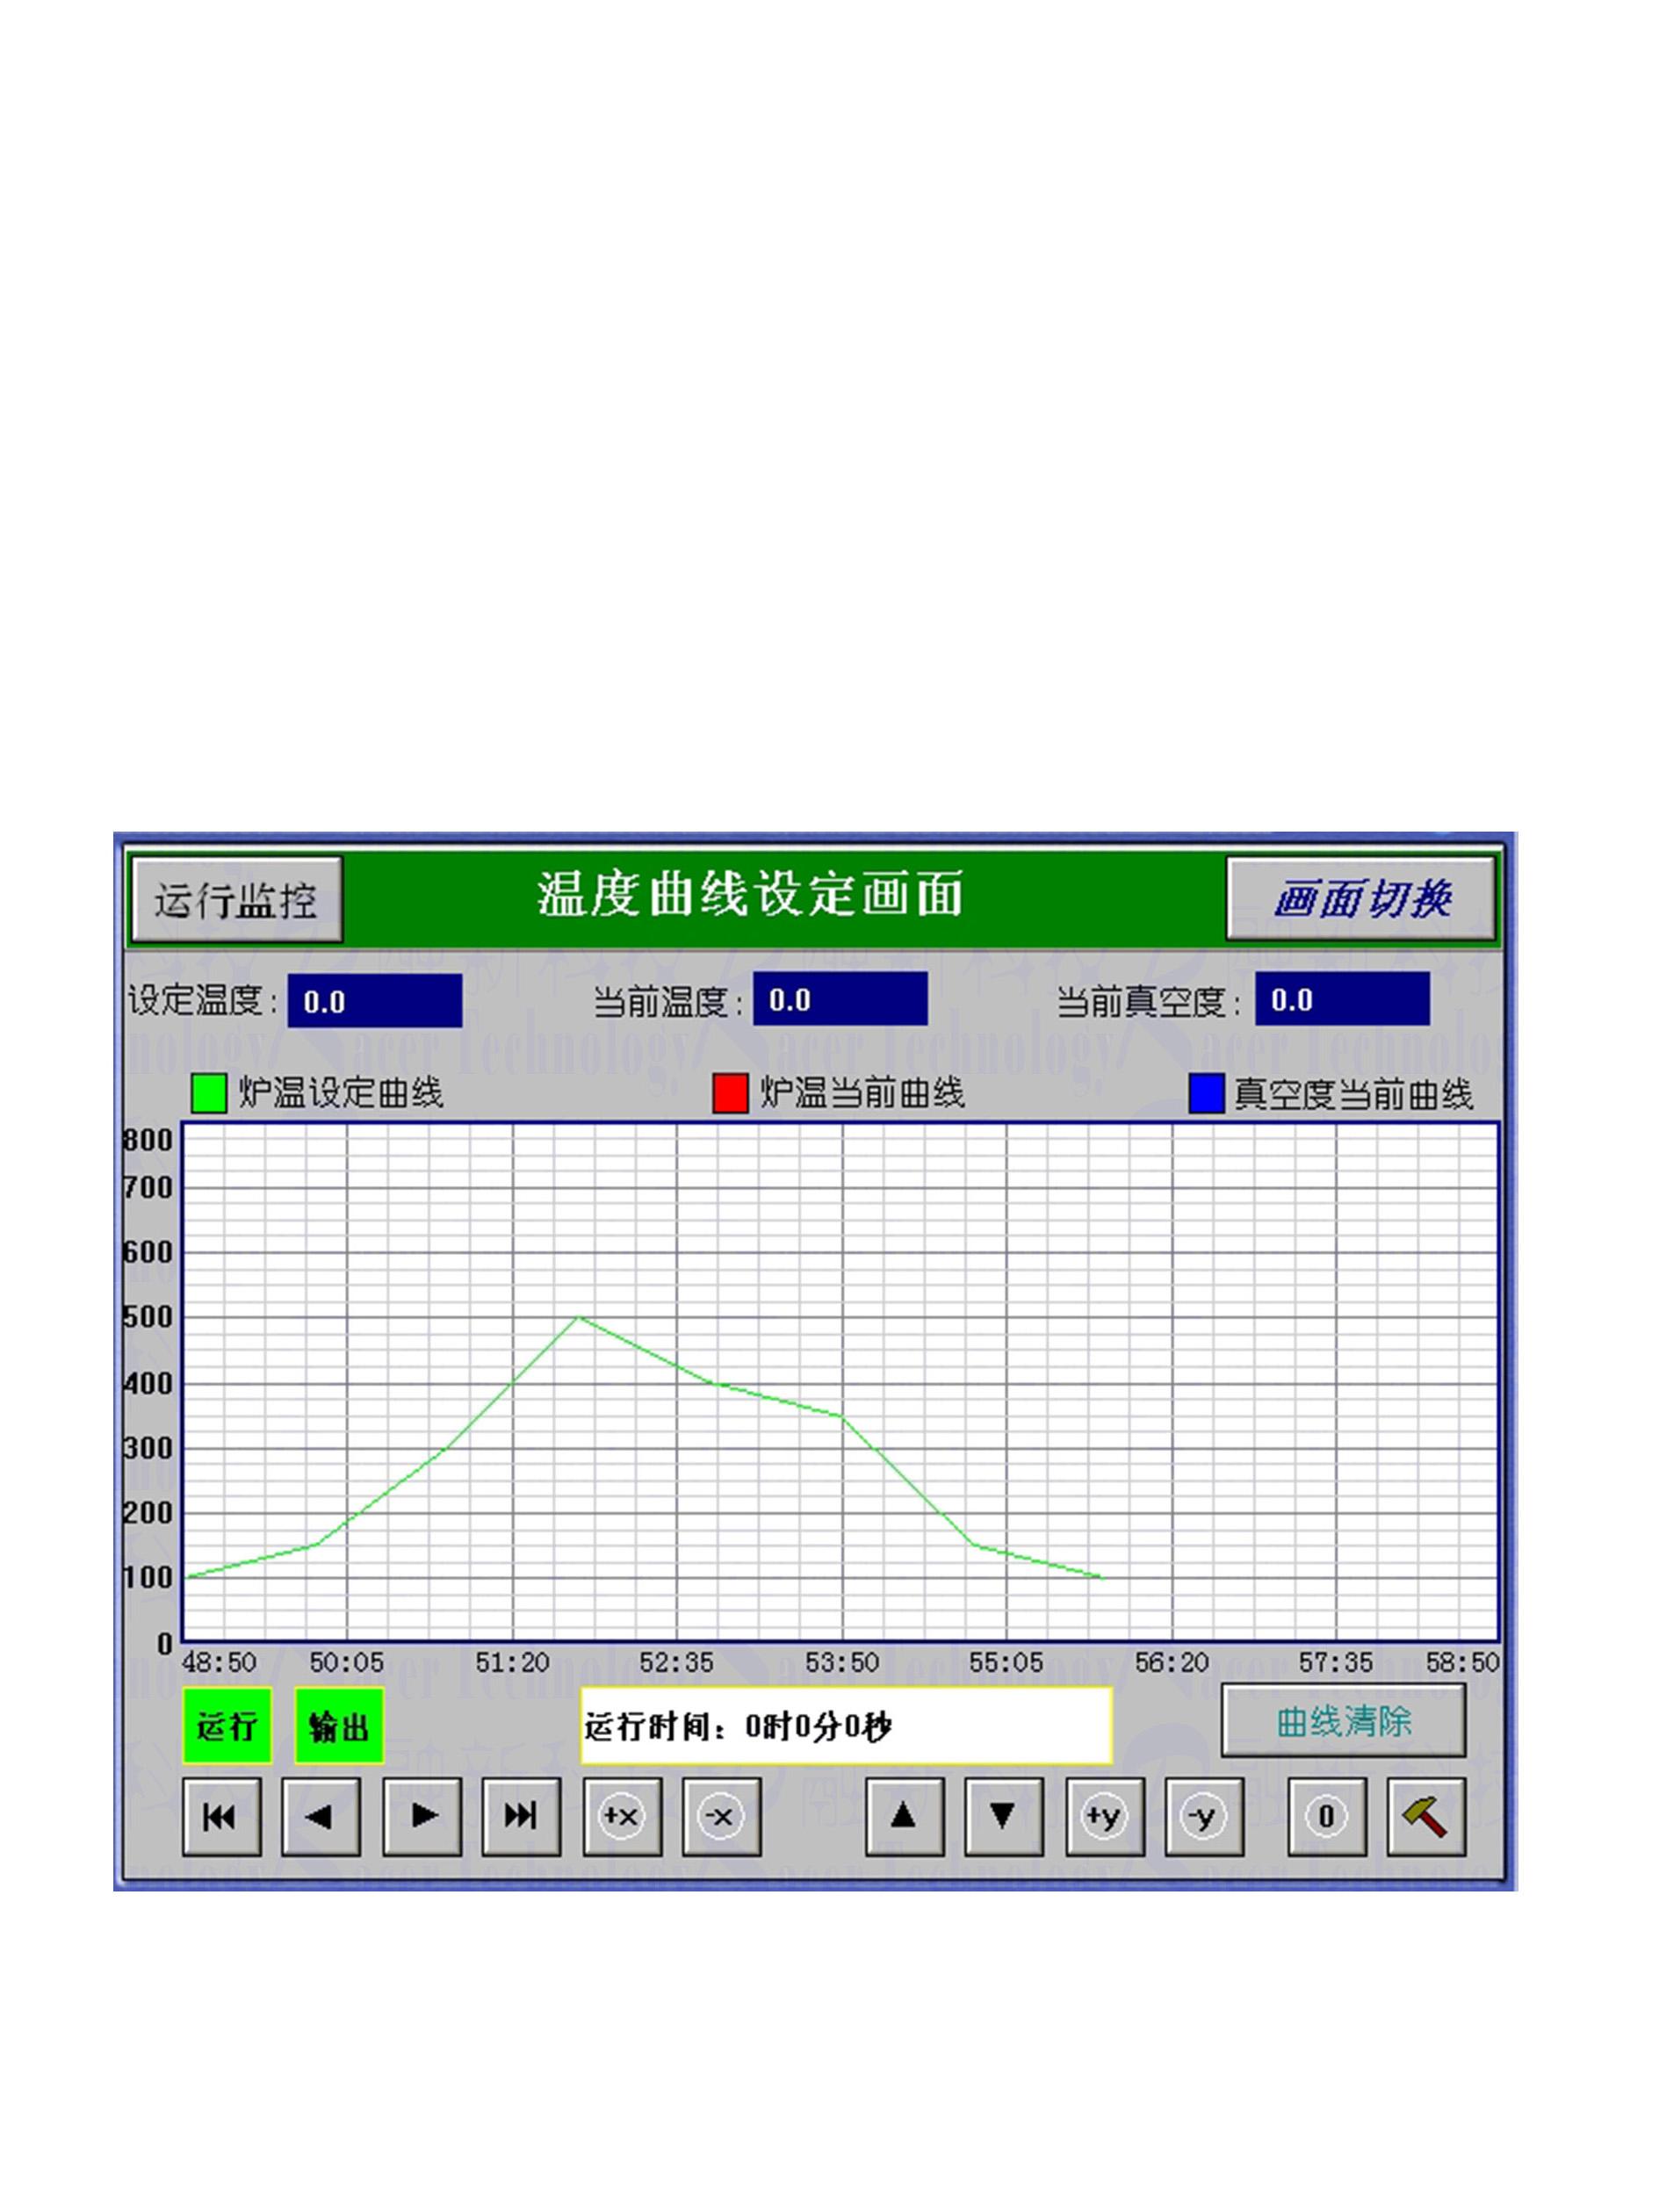 6-真空熱處理-6080